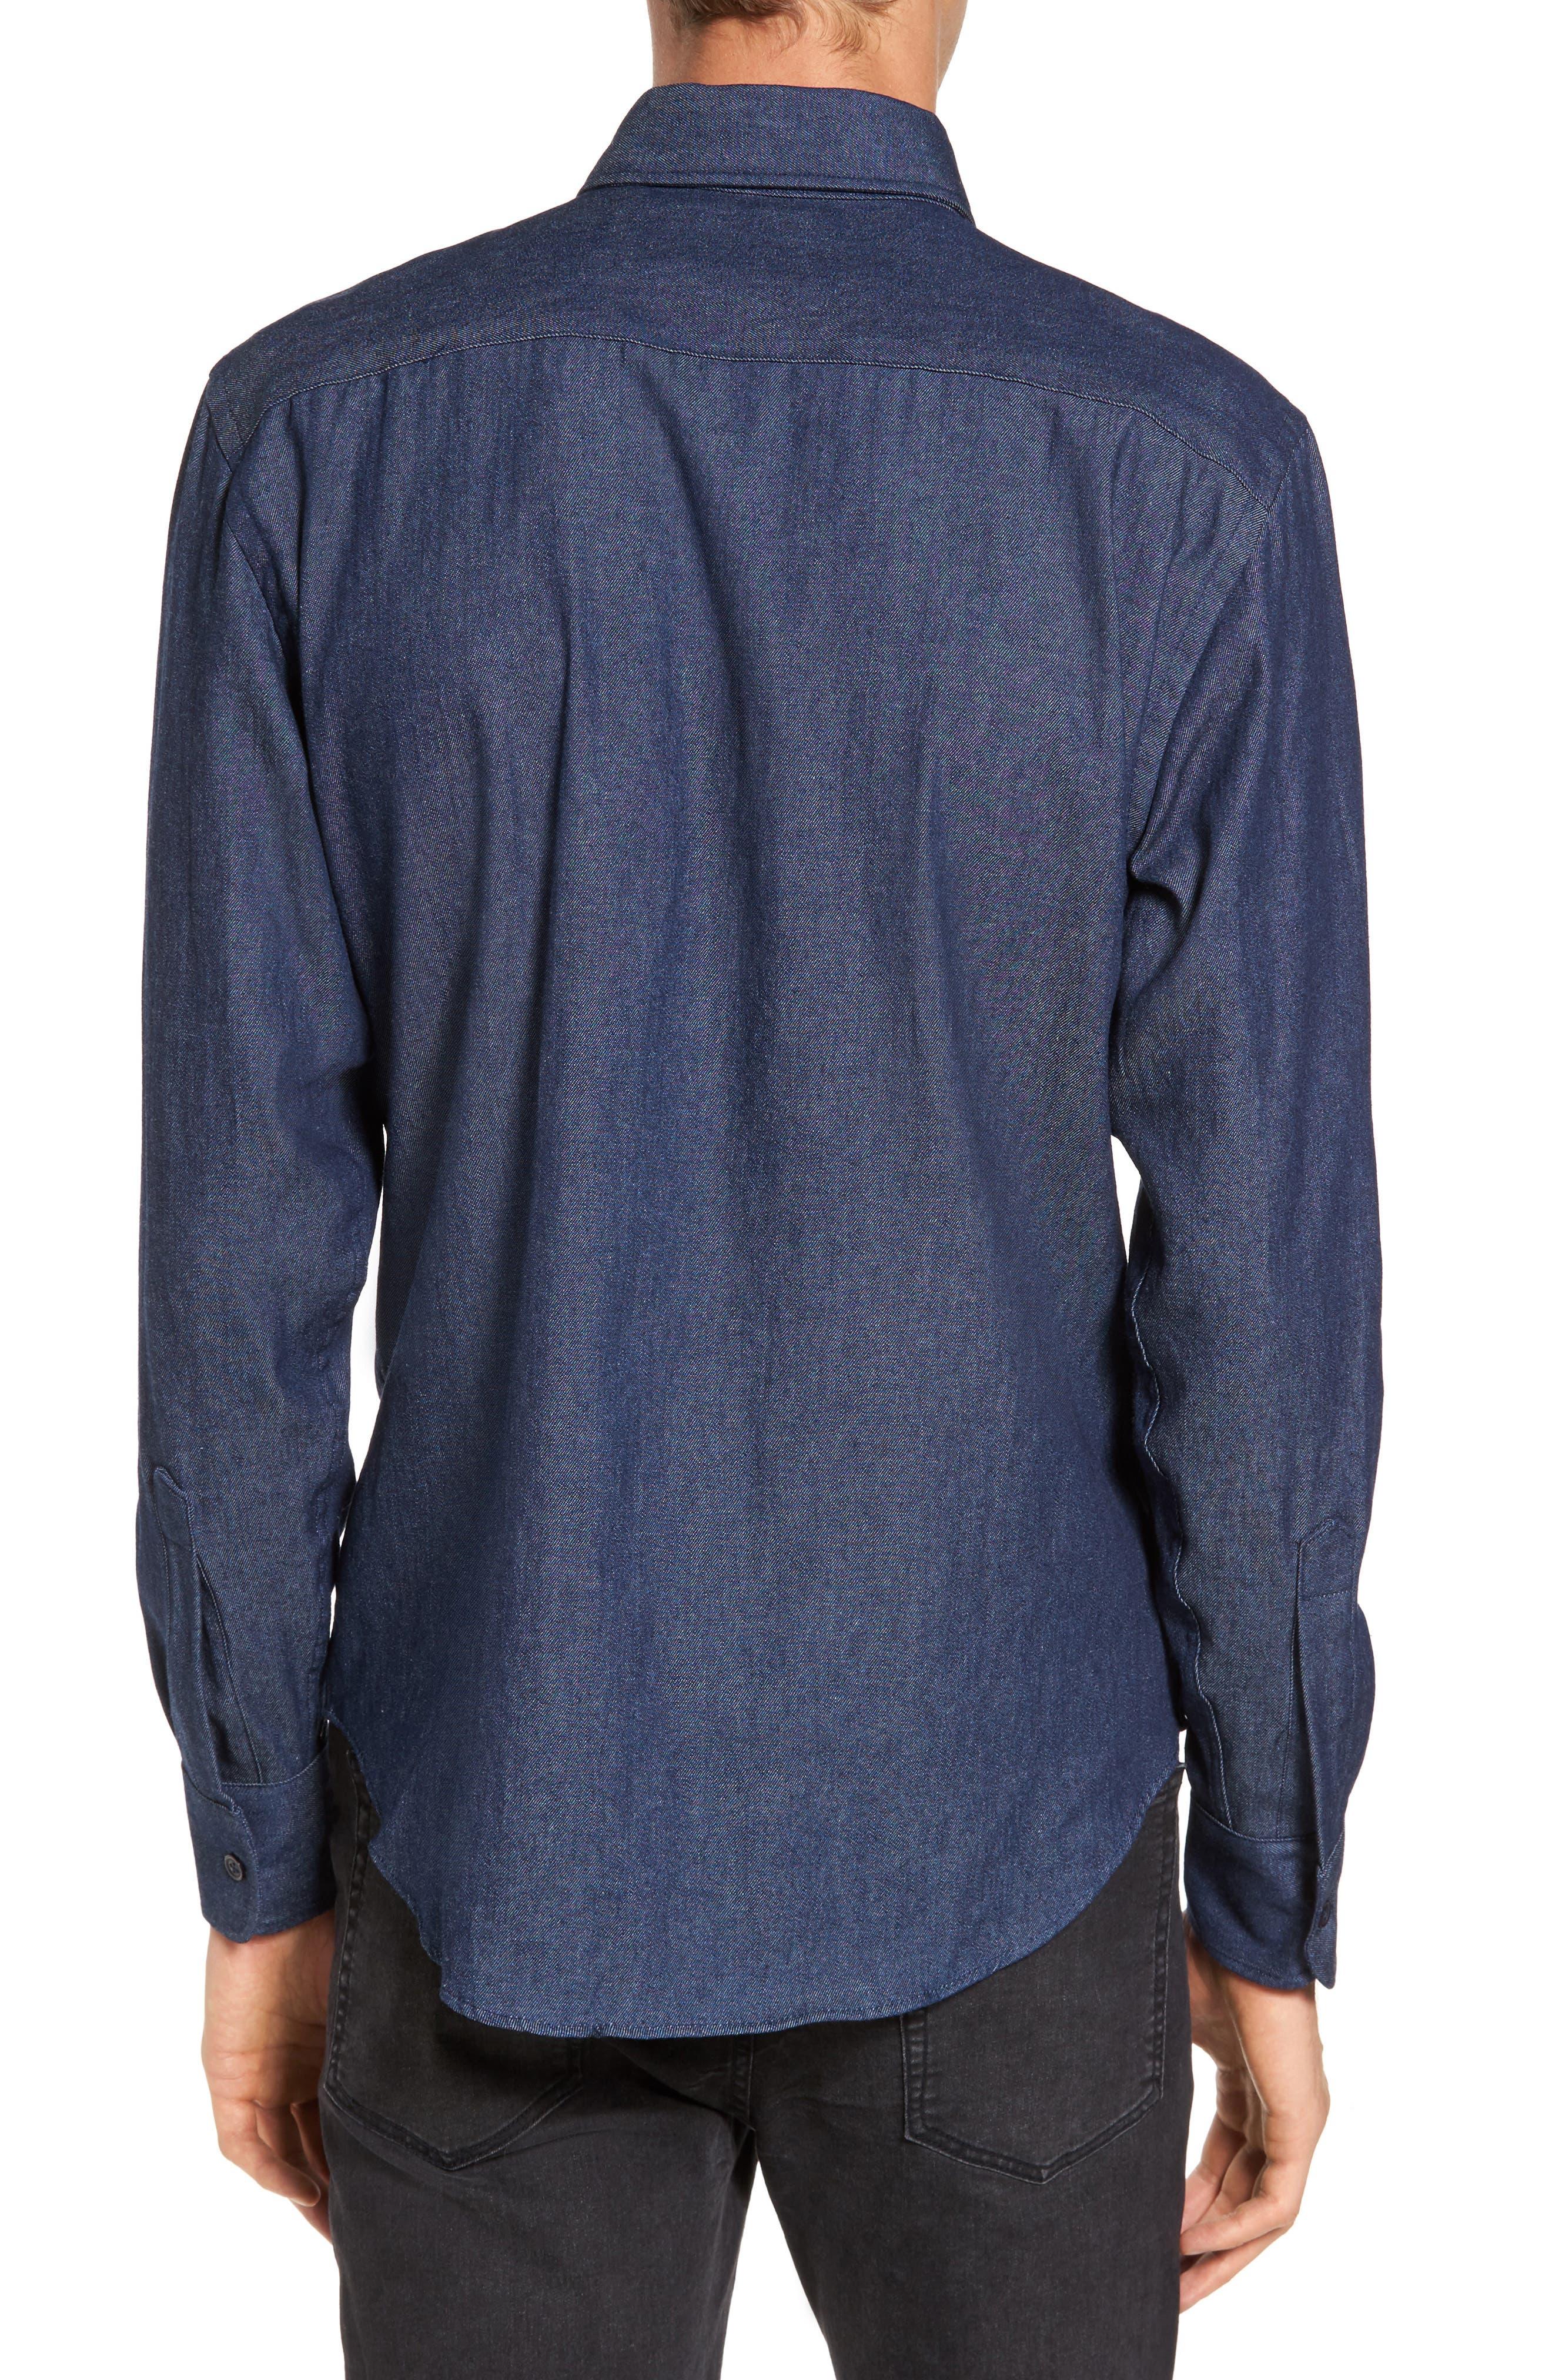 Alternate Image 2  - Naked & Famous Denim Indigo Long Sleeve Shirt